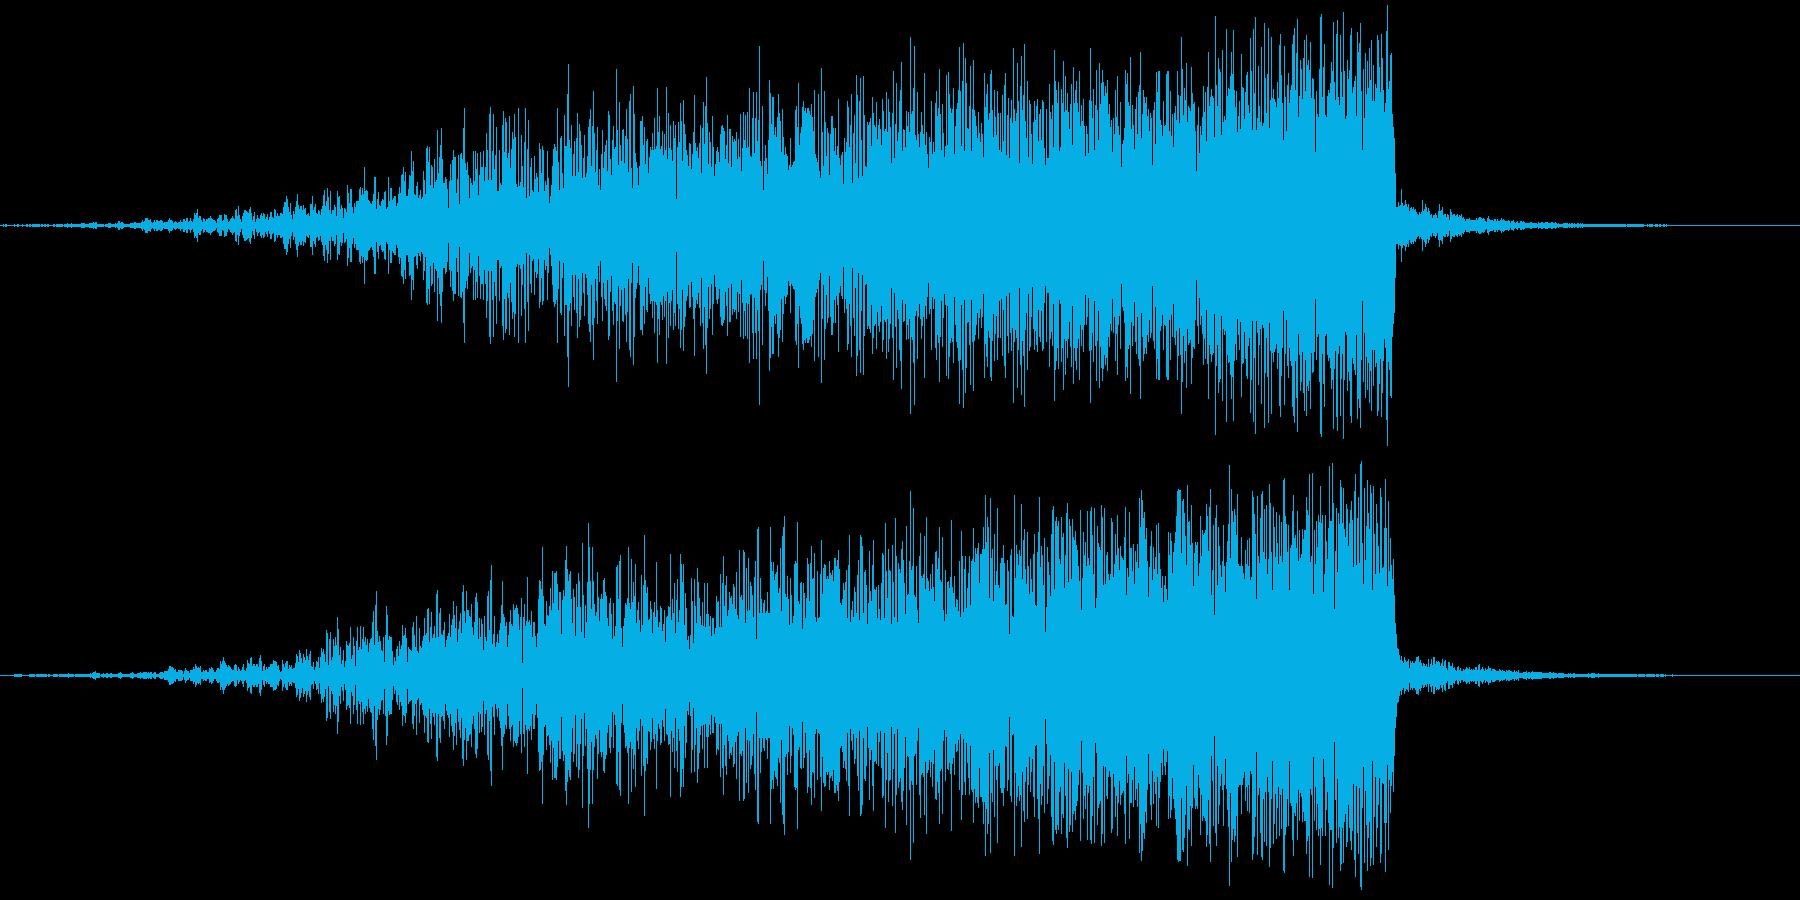 【映画演出】迫る危機感_ライザー_05の再生済みの波形